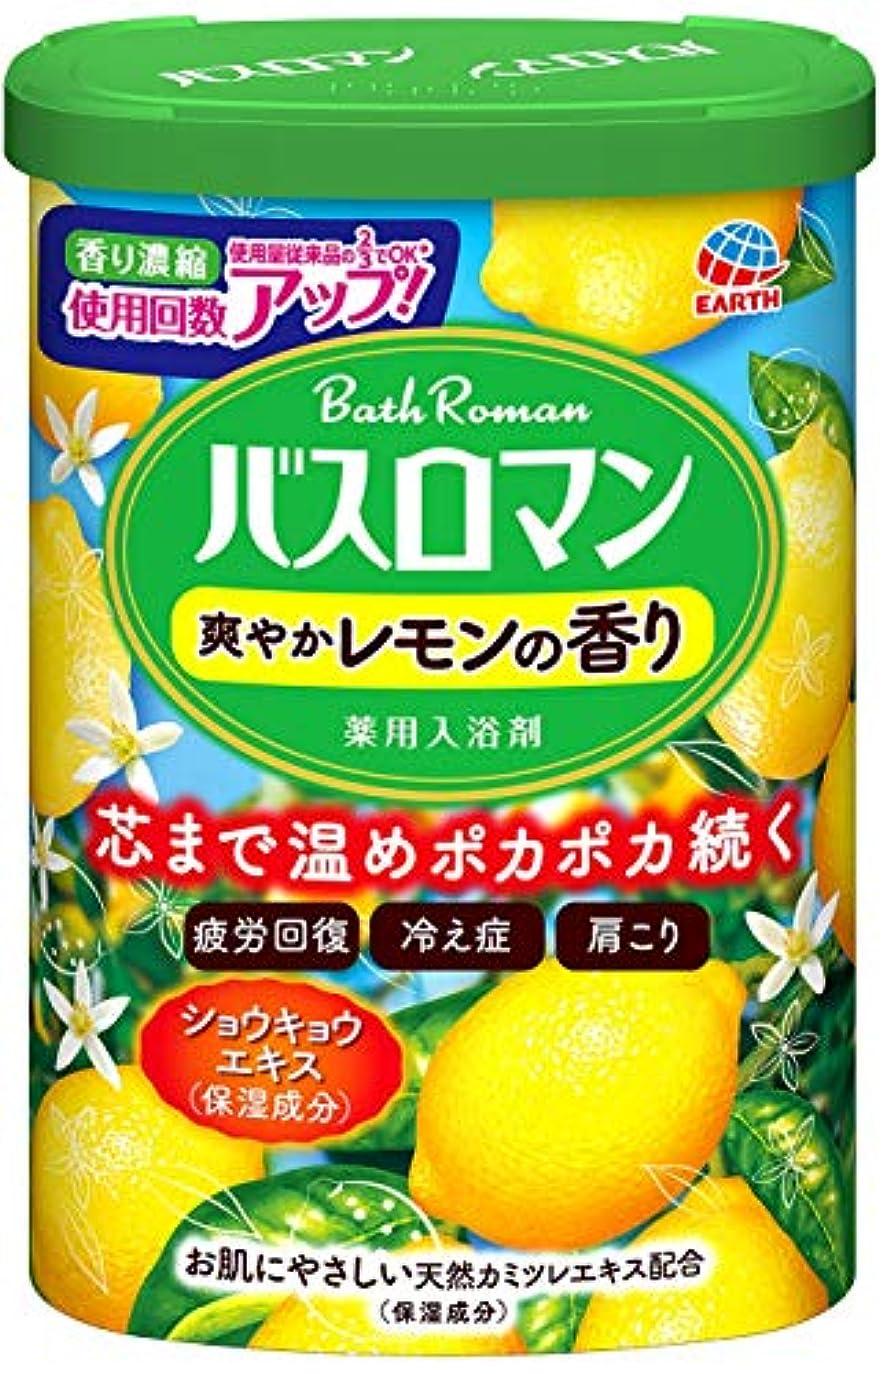 達成クラウン生態学【医薬部外品】バスロマン 入浴剤 爽やかレモンの香り [600g]